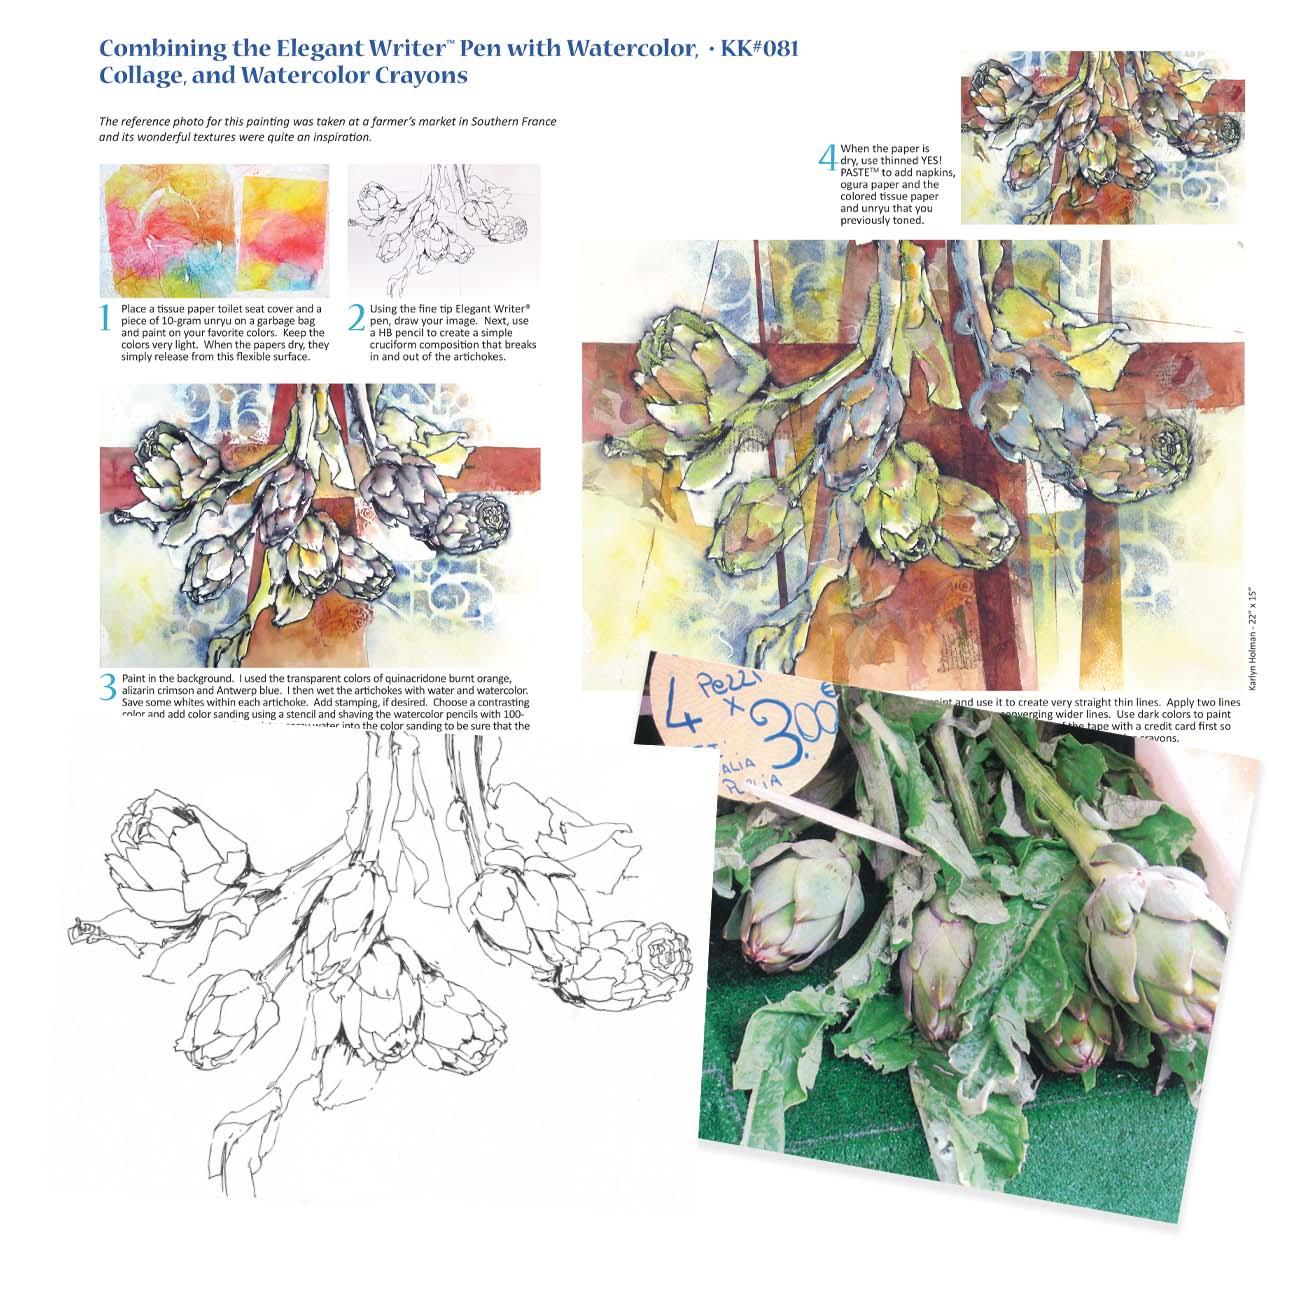 KK081 - Artichokes, Elegant Writer Pen & Watercolors